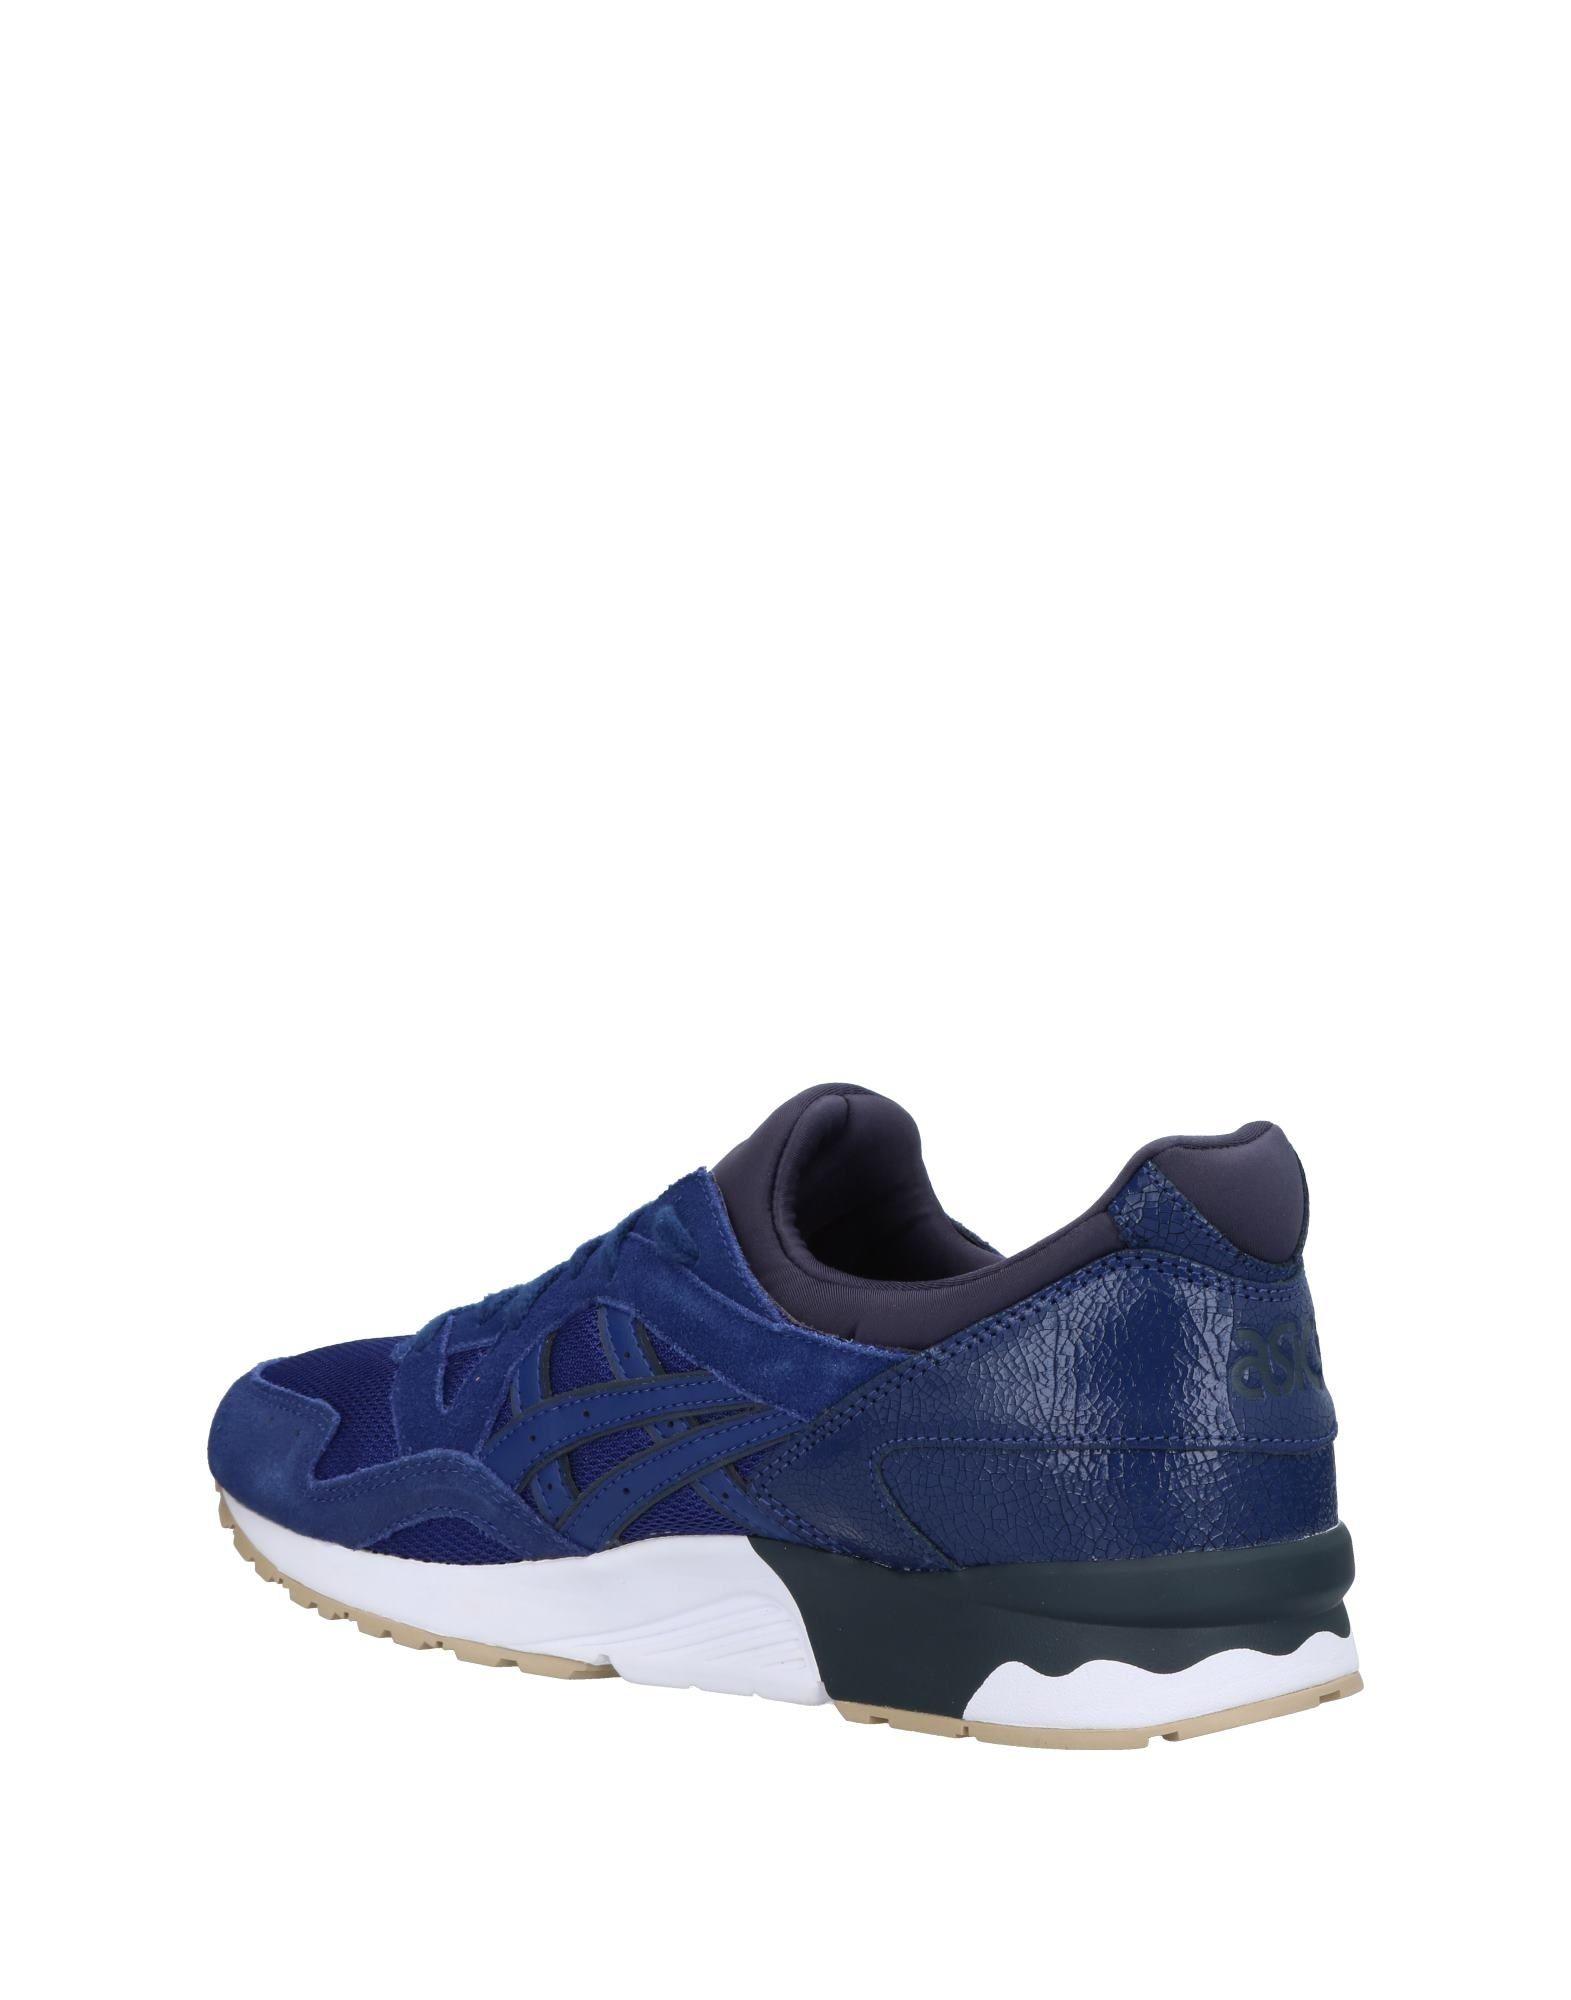 11398713MK Asics Sneakers Herren  11398713MK  1f0bfa